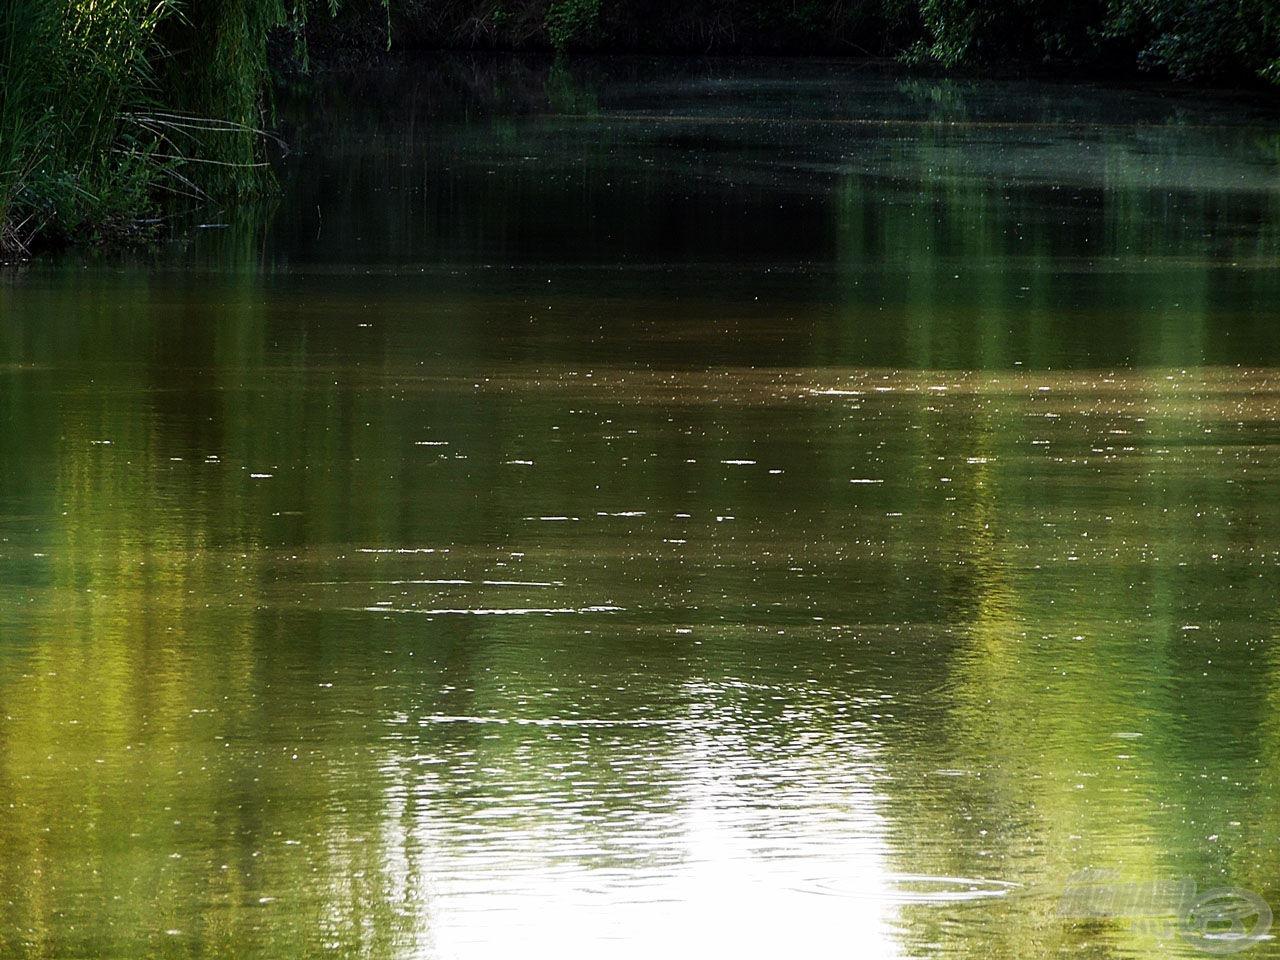 Jól látszik a vízfelszínen összegyűlt, sok bosszúságot okozó nyárfapihe